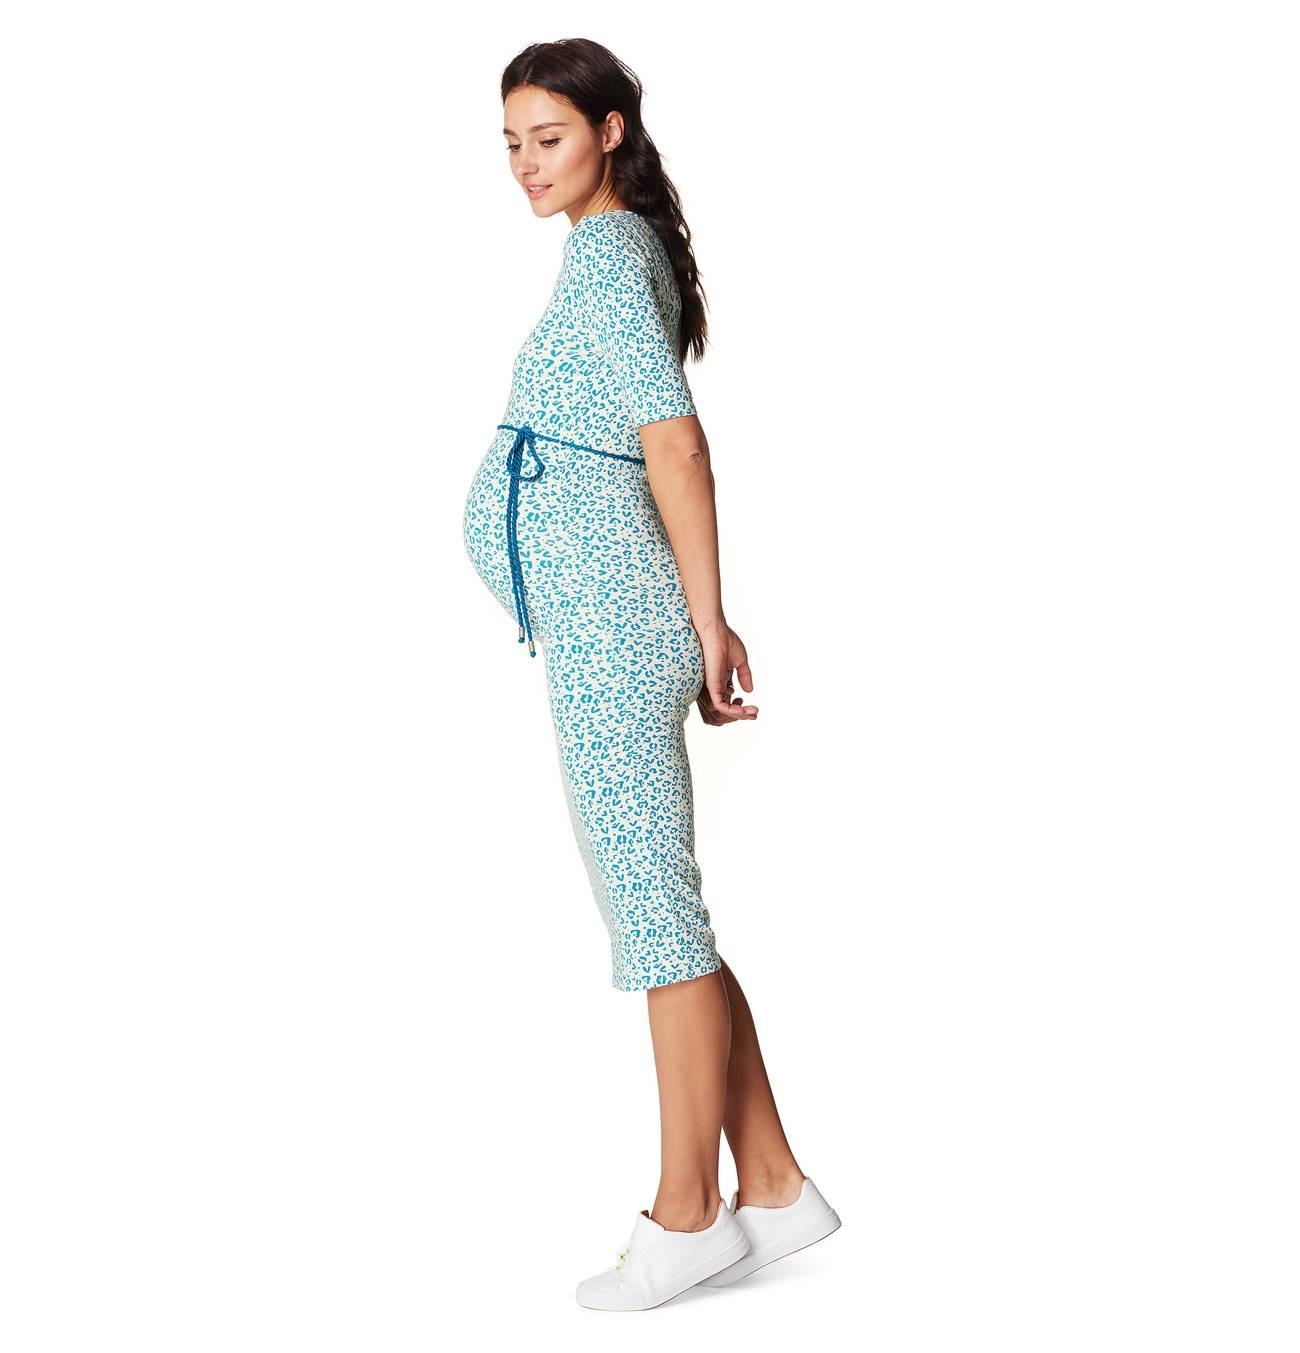 17 Wunderbar Blaue Kleider Knielang Galerie13 Schön Blaue Kleider Knielang Boutique